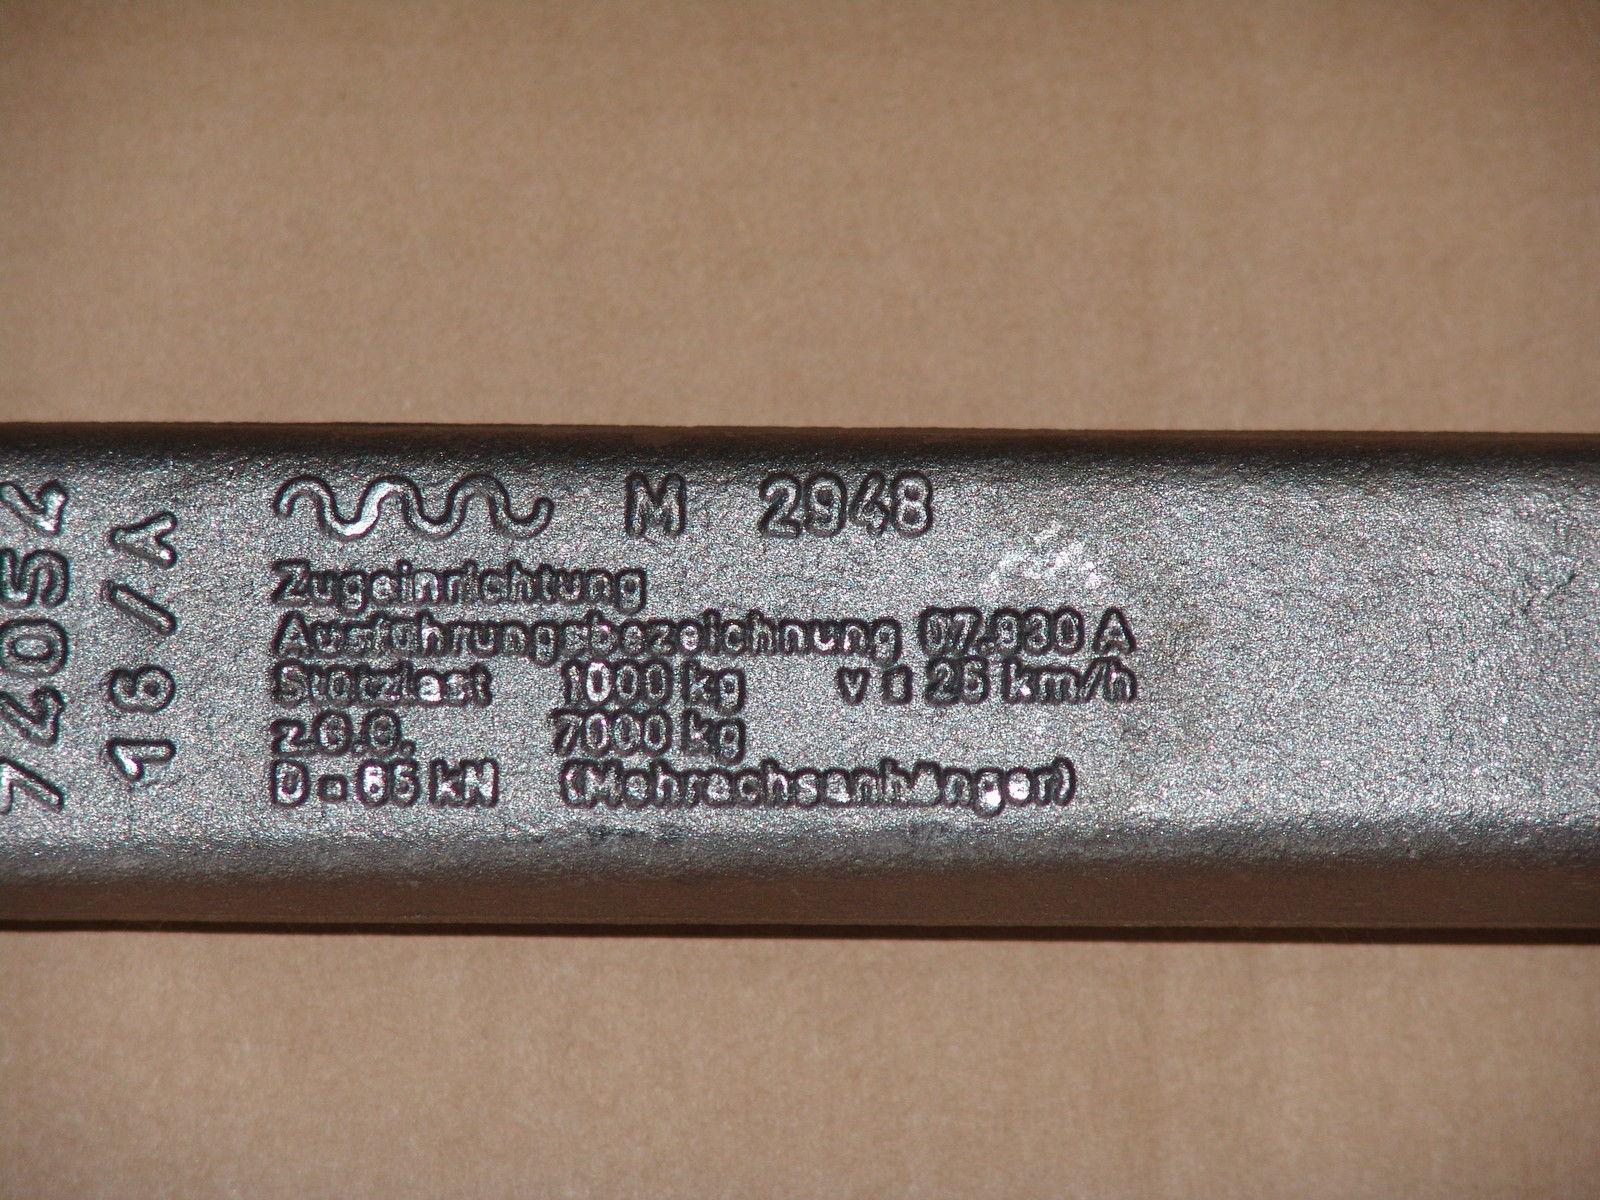 Zugöse Einschweisszugöse 3 to DIN 74054